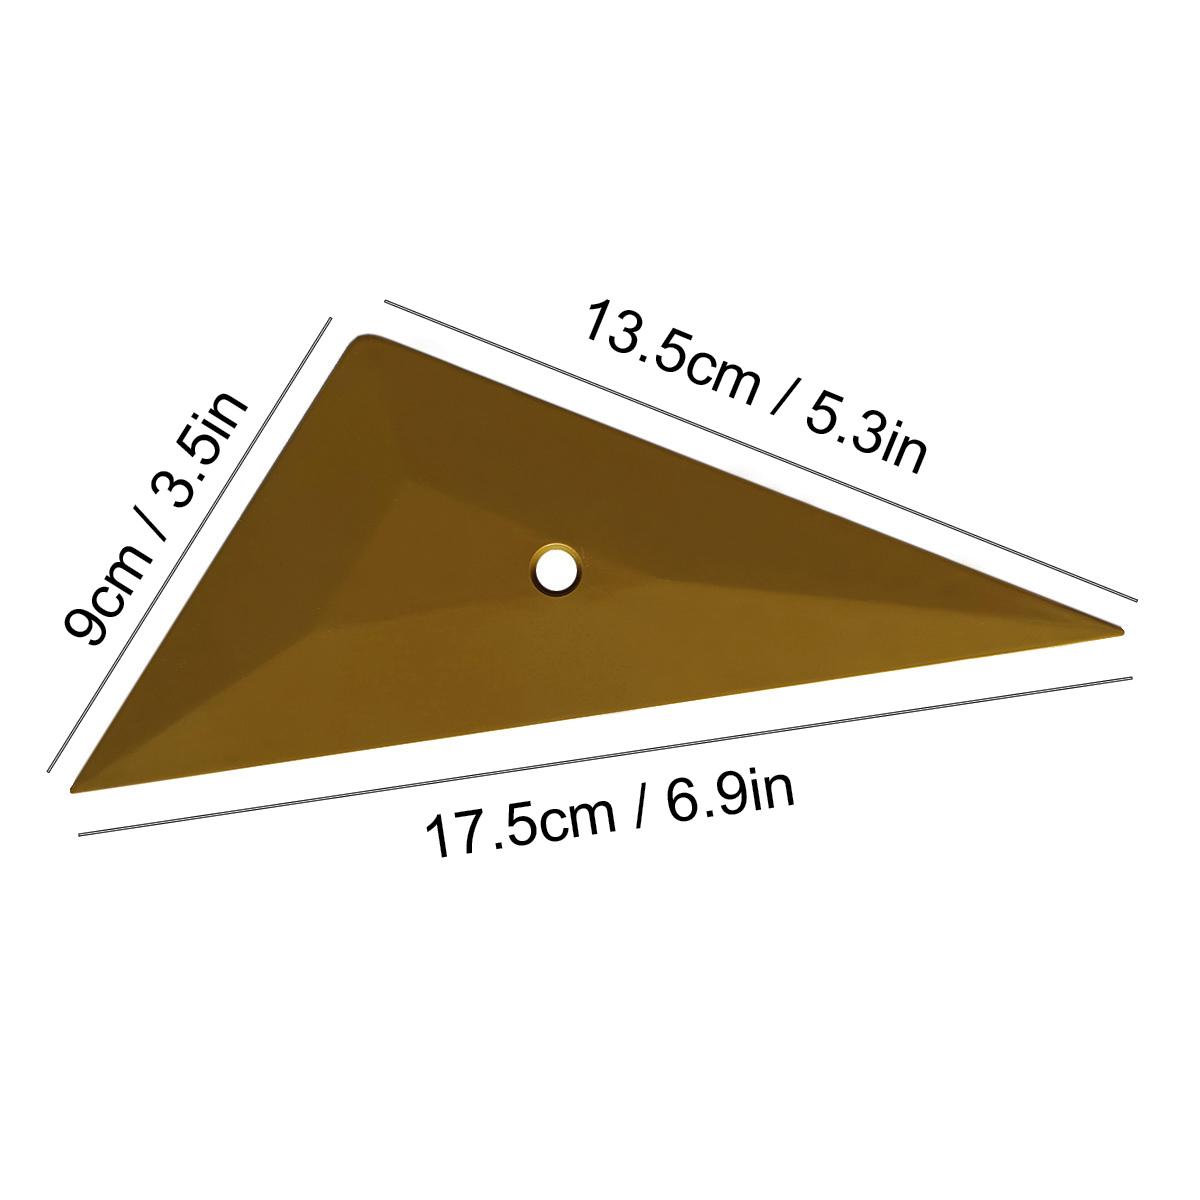 Золотой треугольный скребок, пластиковый скребок для углов, жесткая пластиковая наклейка для обмотки автомобиля, инструменты для установки окон